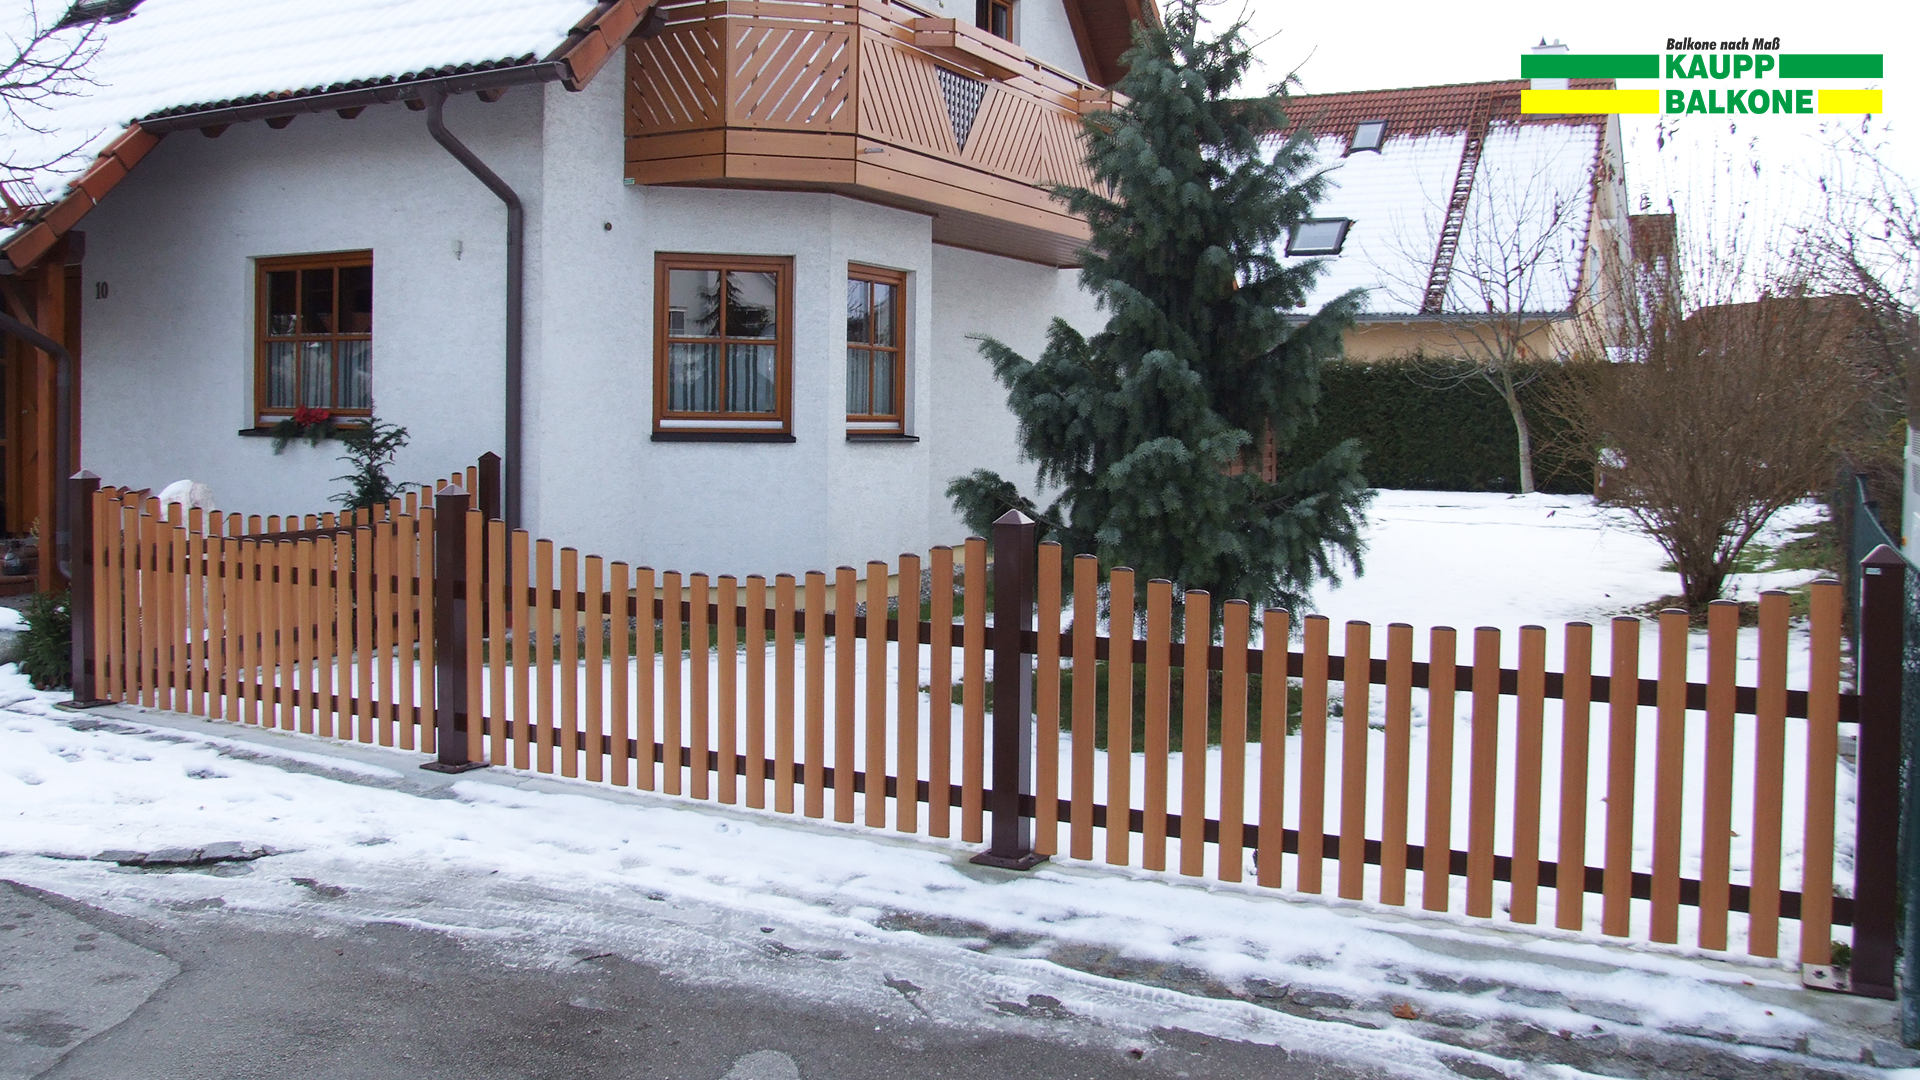 Alu Gartenzaun Augsburg Kaupp Balkone –sterreich